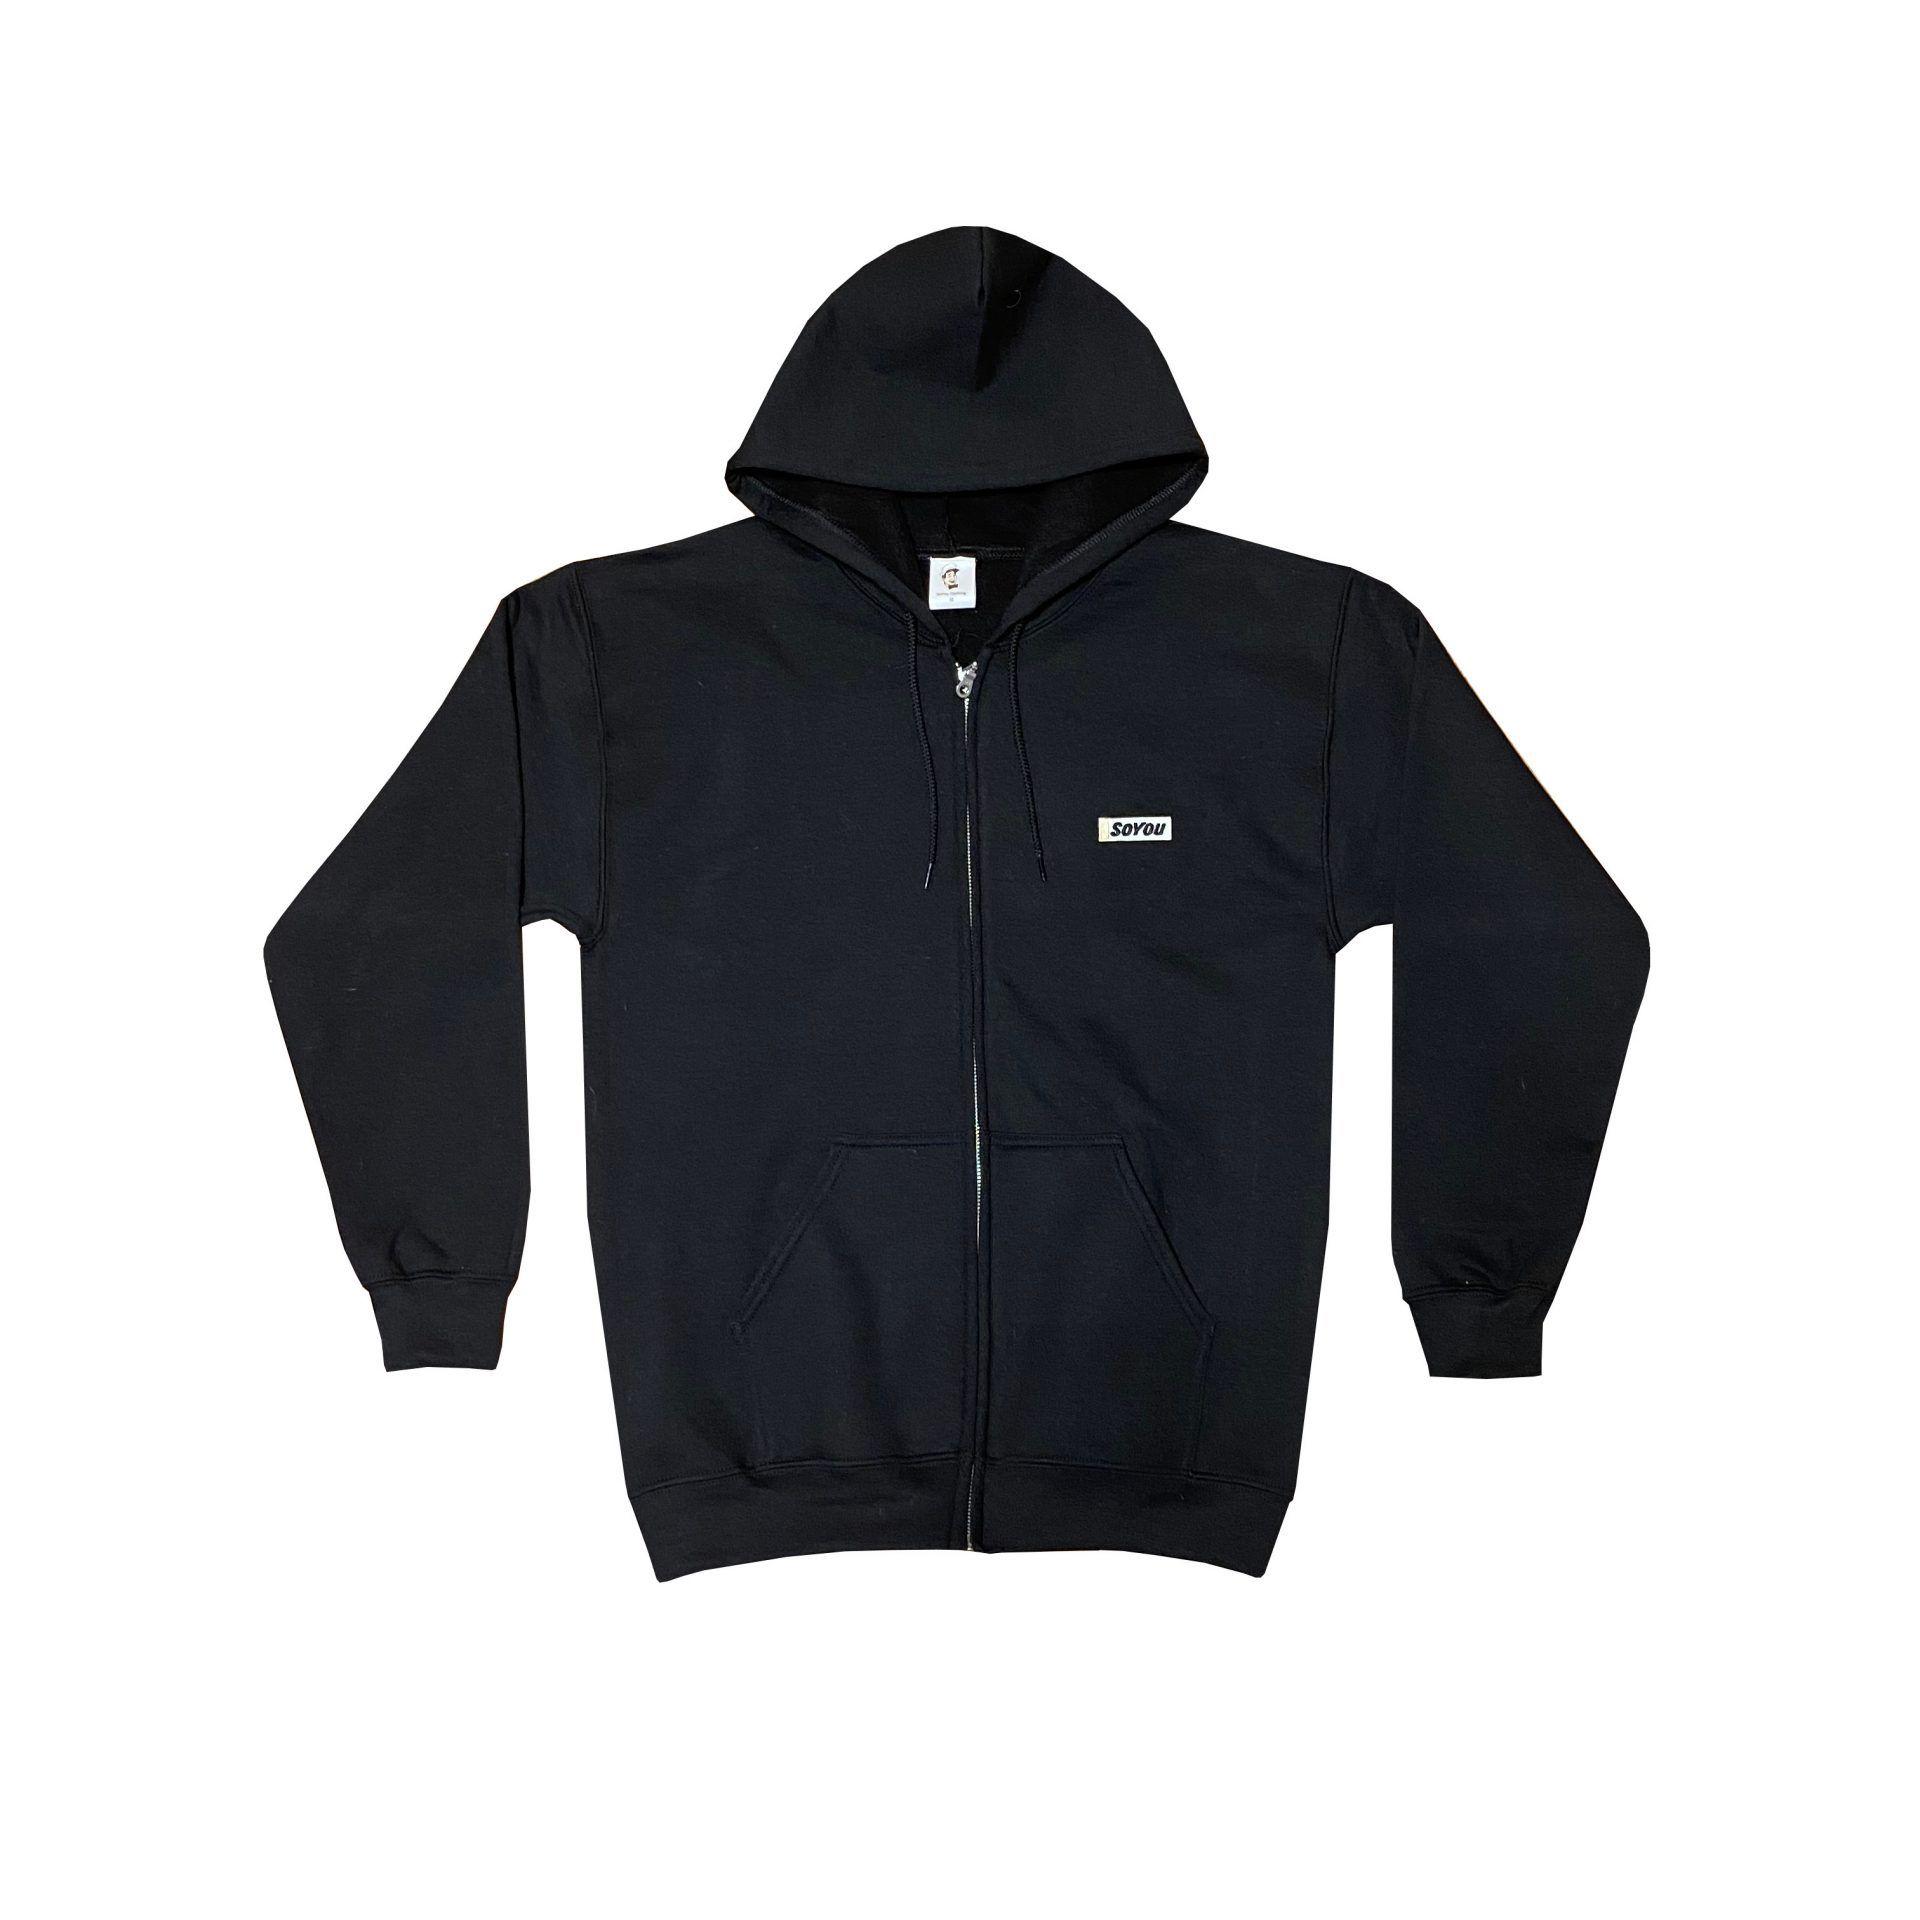 SoYou Clothing DM2 Zip Hoodie in Black